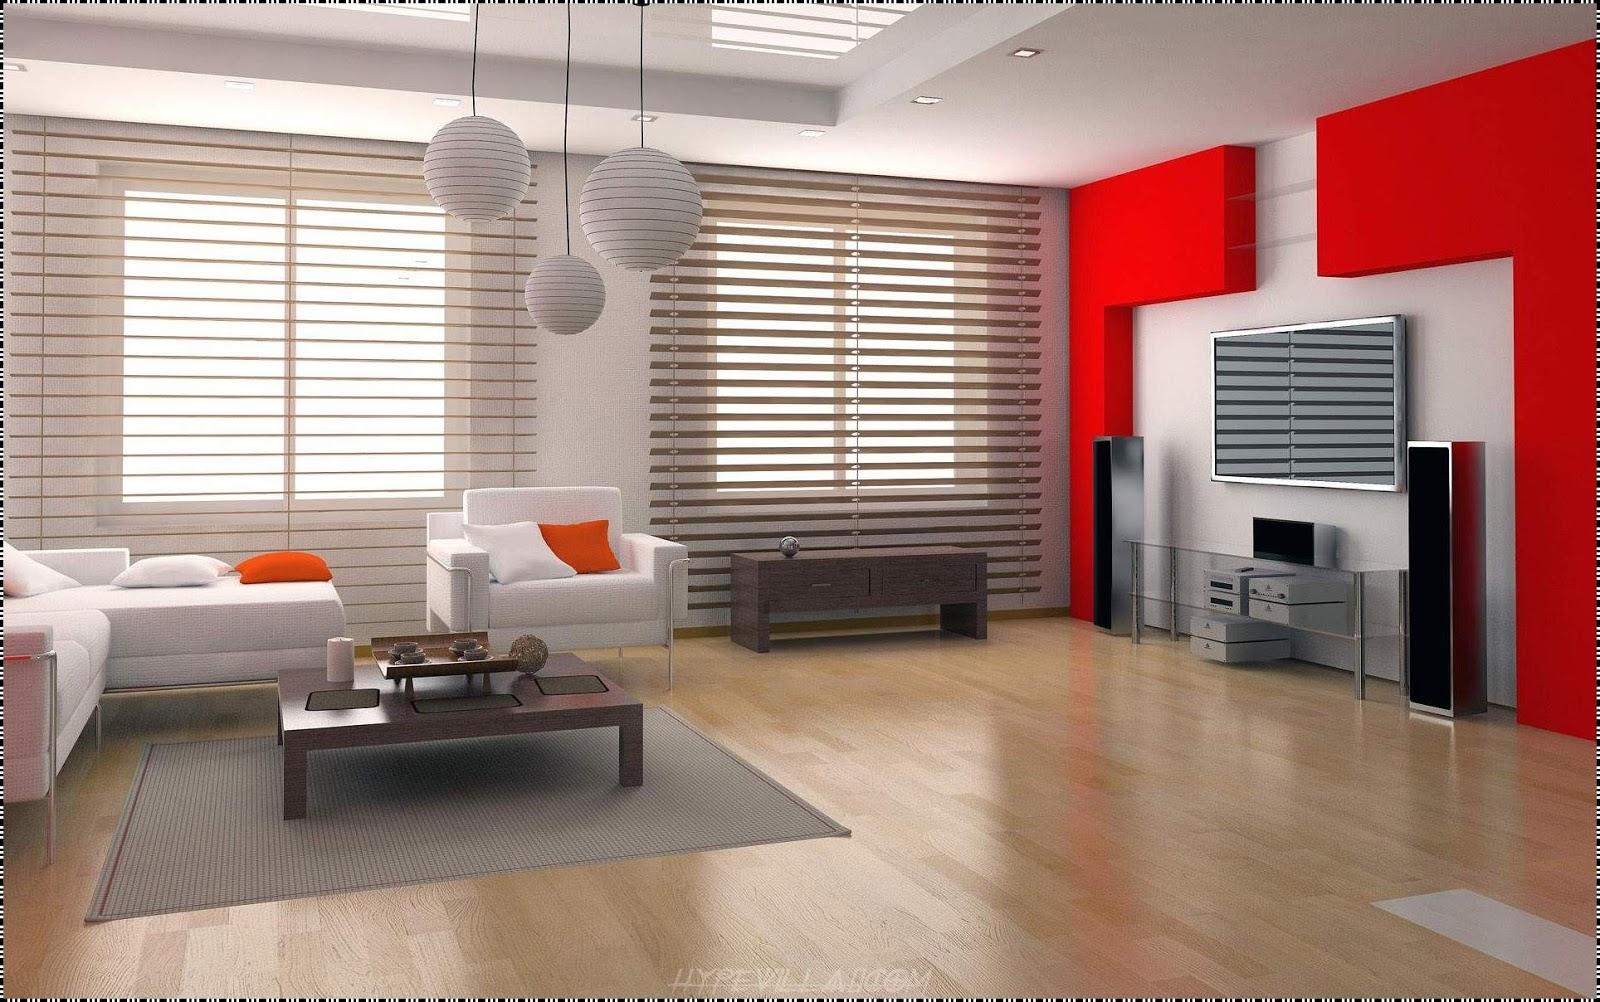 Simple living room design ideas - Simple sitting room ...